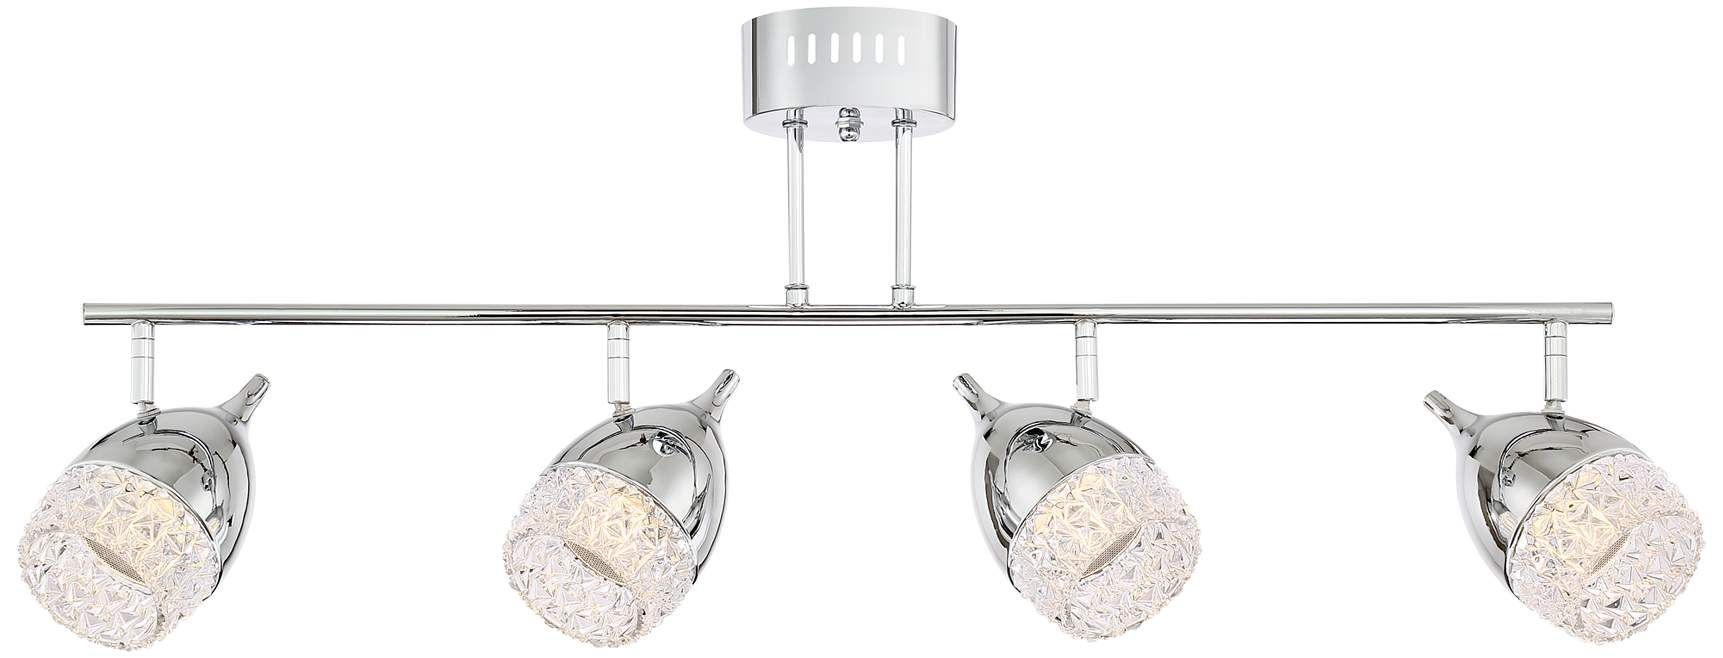 Possini Euro Goodwin Chrome Crystal Led Track Light Fixture 9j422 Lamps Plus Led Track Lighting Track Lighting Track Lighting Fixtures